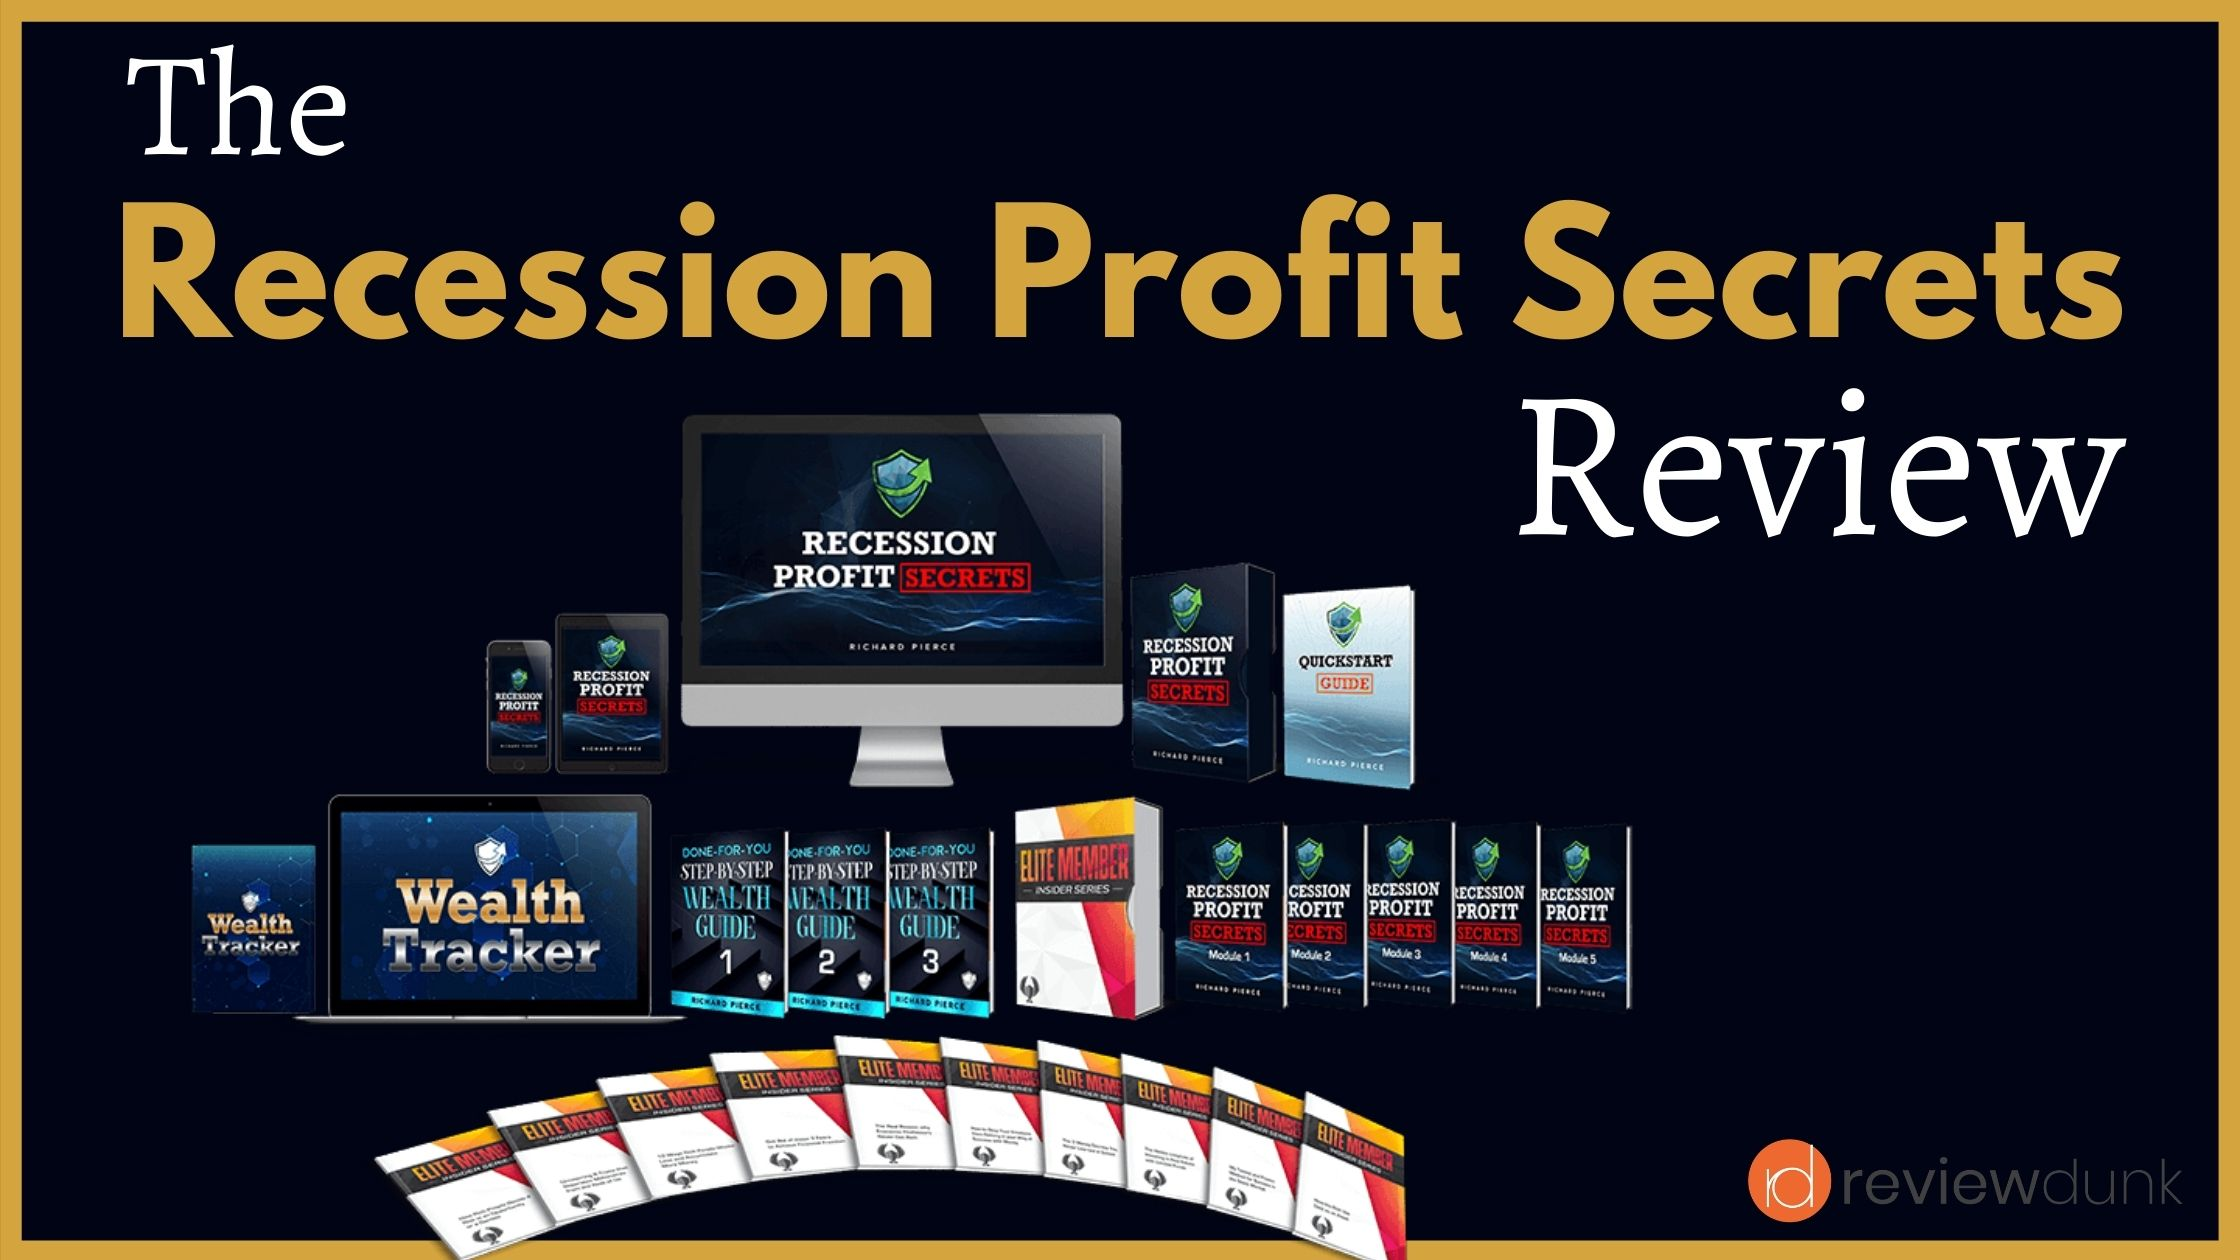 Recession Profit Secrets